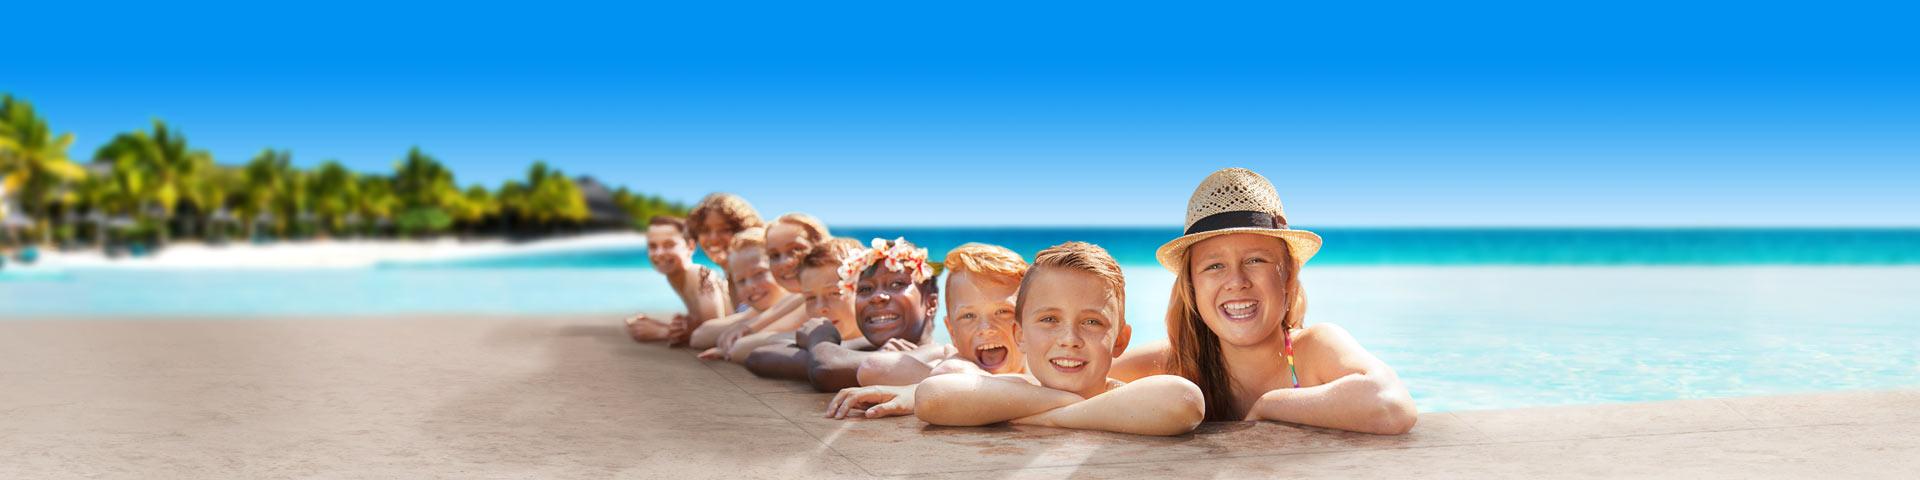 Kinderen in een zwembad op een zonnige dag